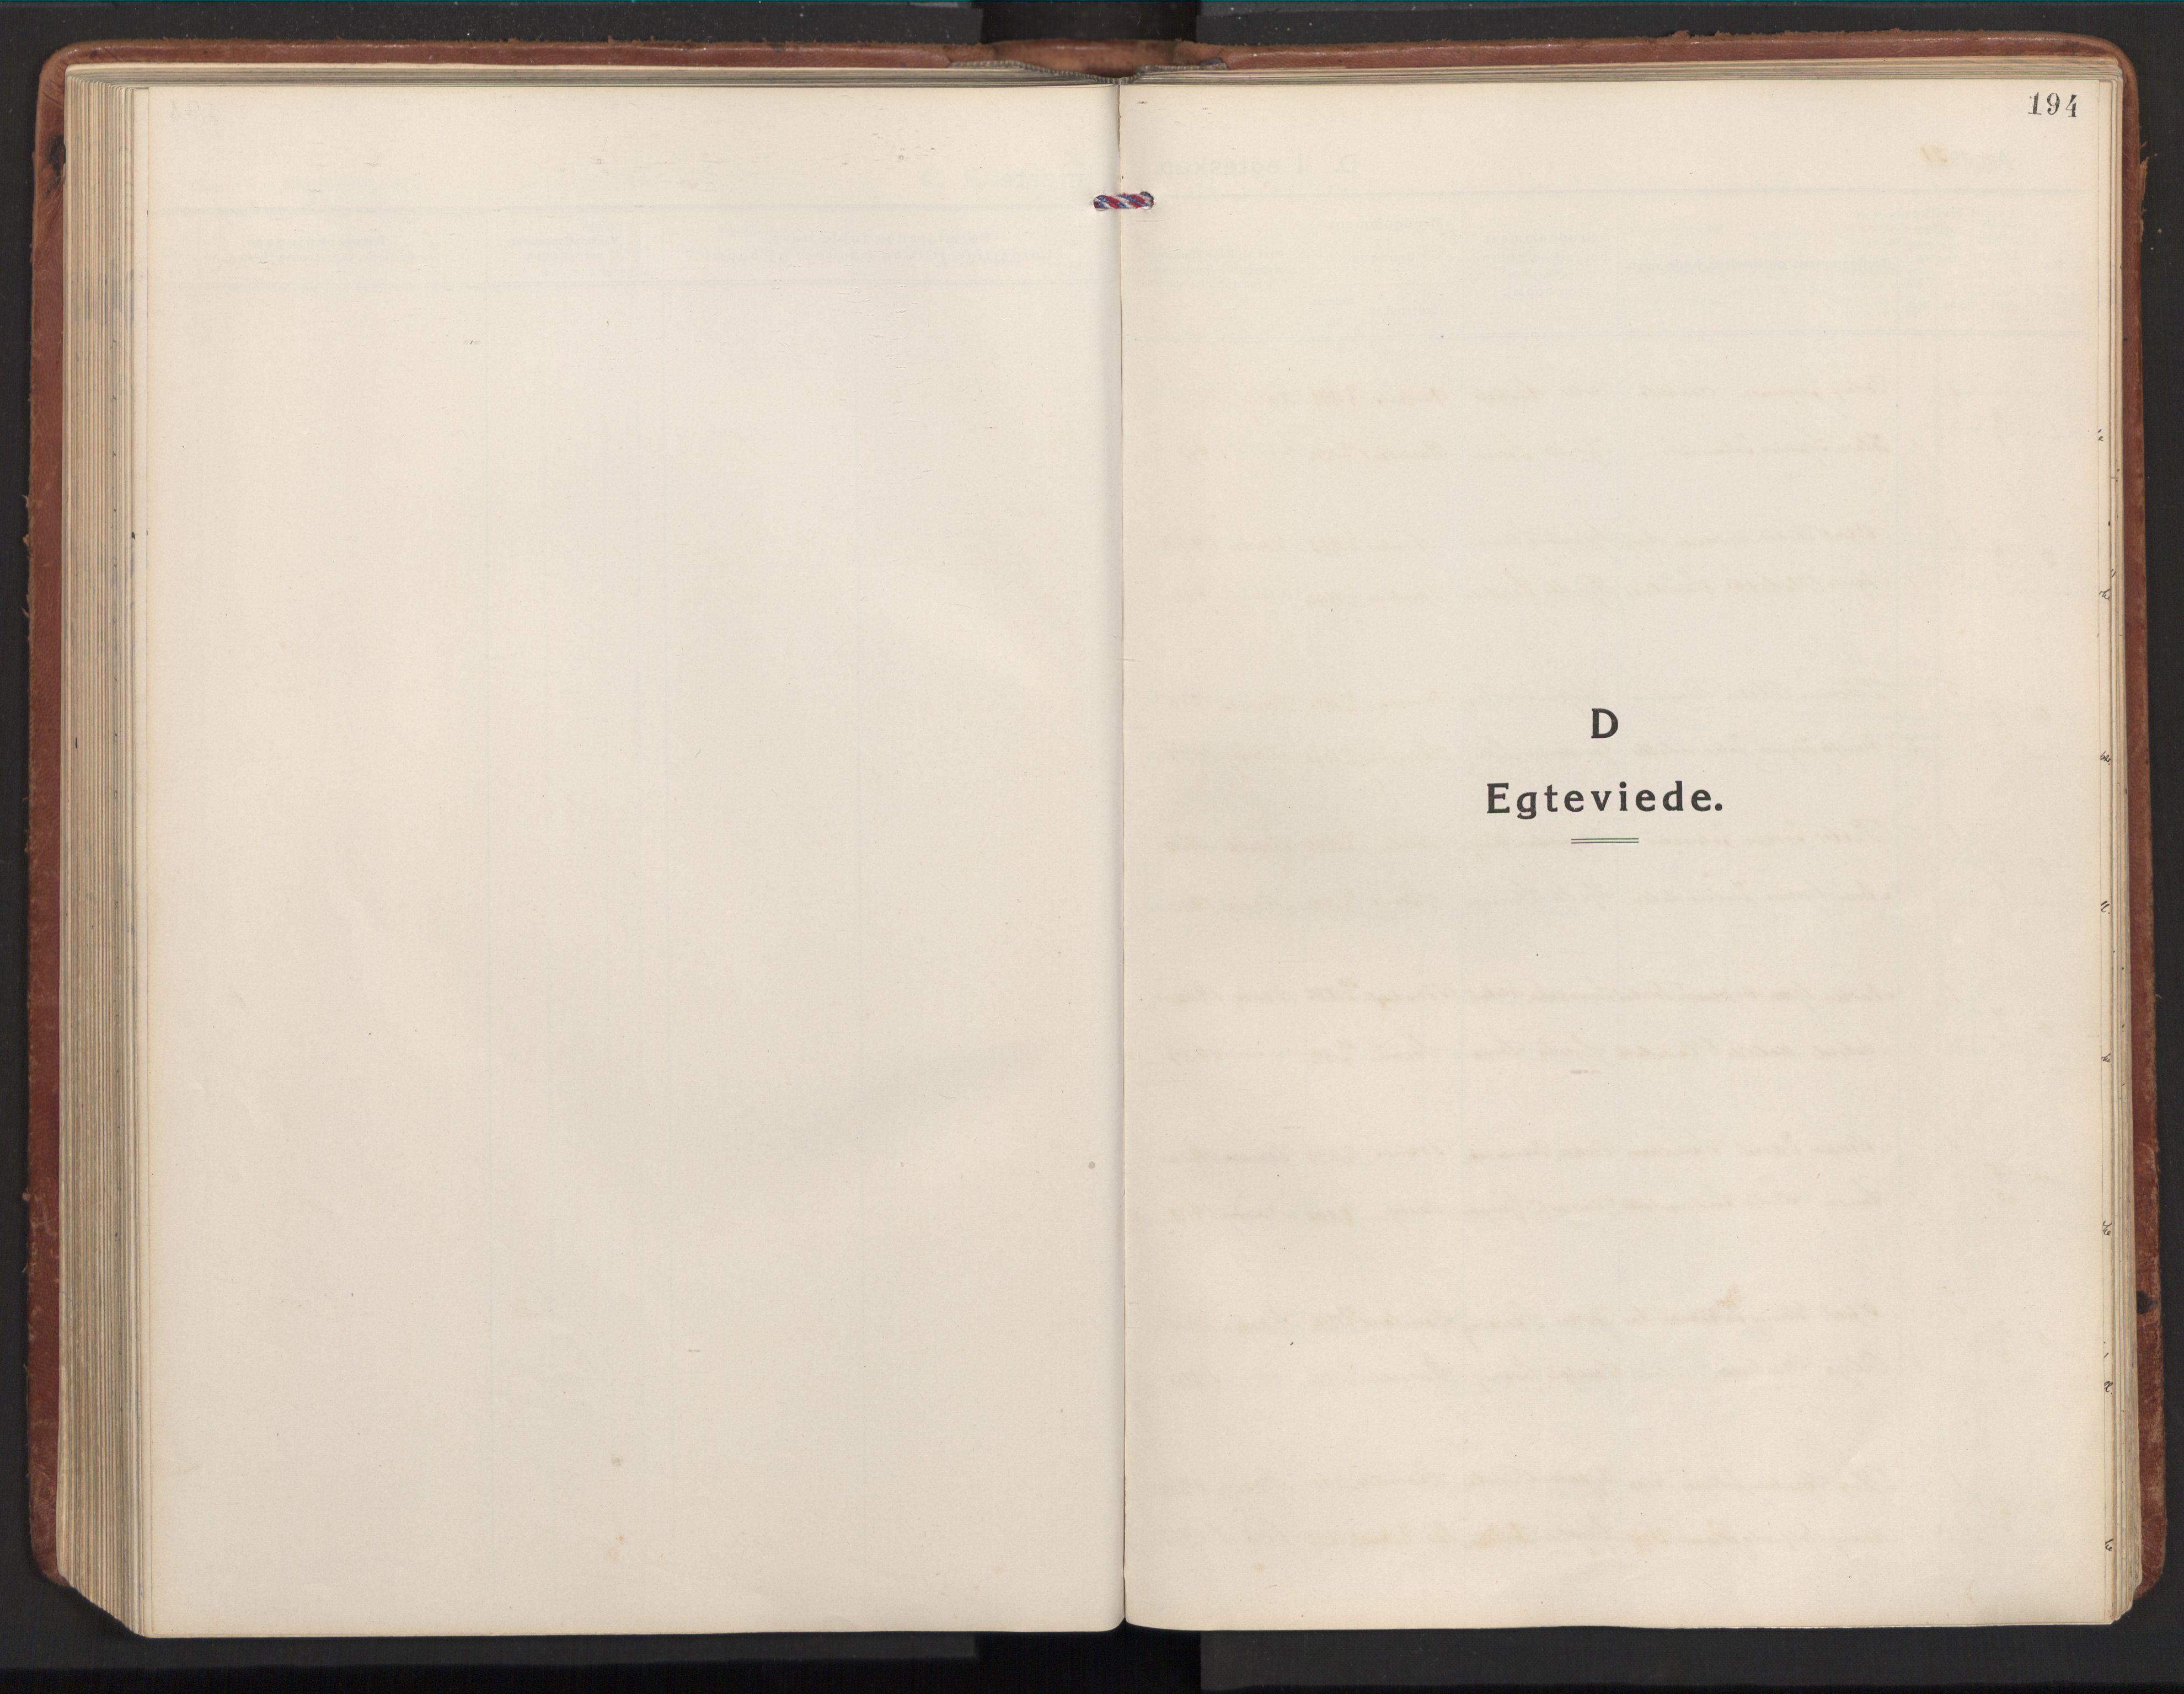 SAT, Ministerialprotokoller, klokkerbøker og fødselsregistre - Nord-Trøndelag, 784/L0678: Ministerialbok nr. 784A13, 1921-1938, s. 194